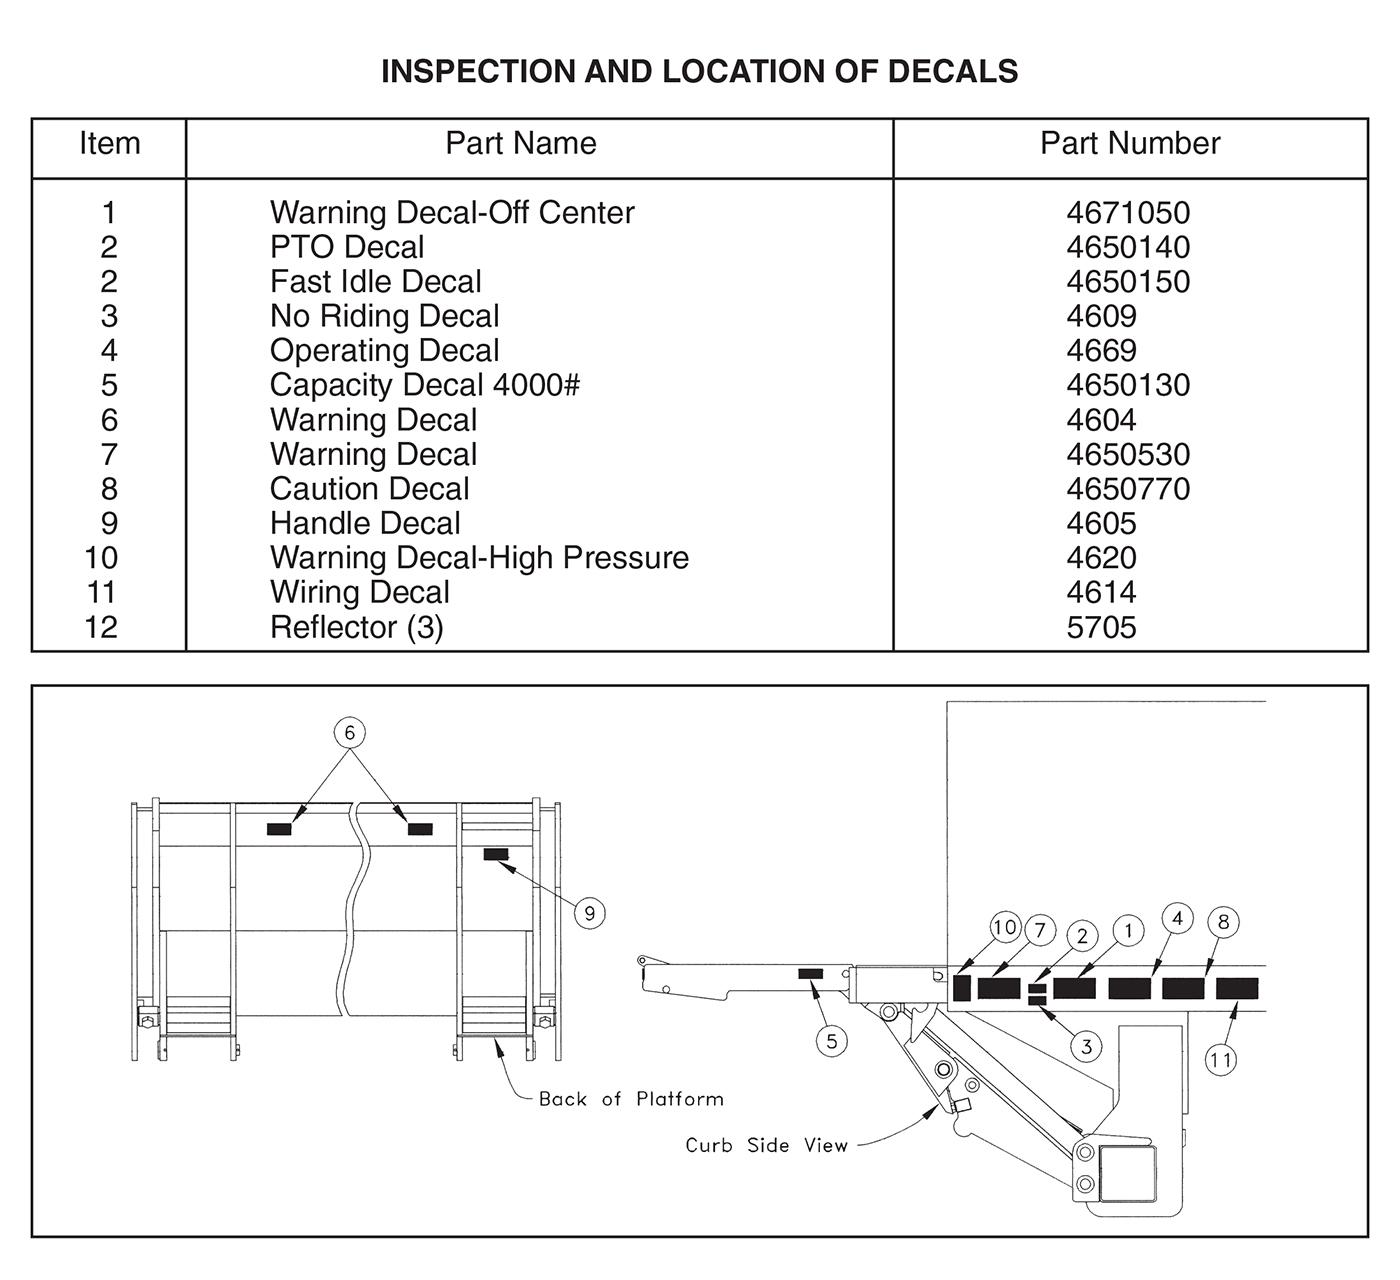 Intercon Truck Equipment Online Store Ls12 Wiring Diagram Lrst40 Location Of Decals